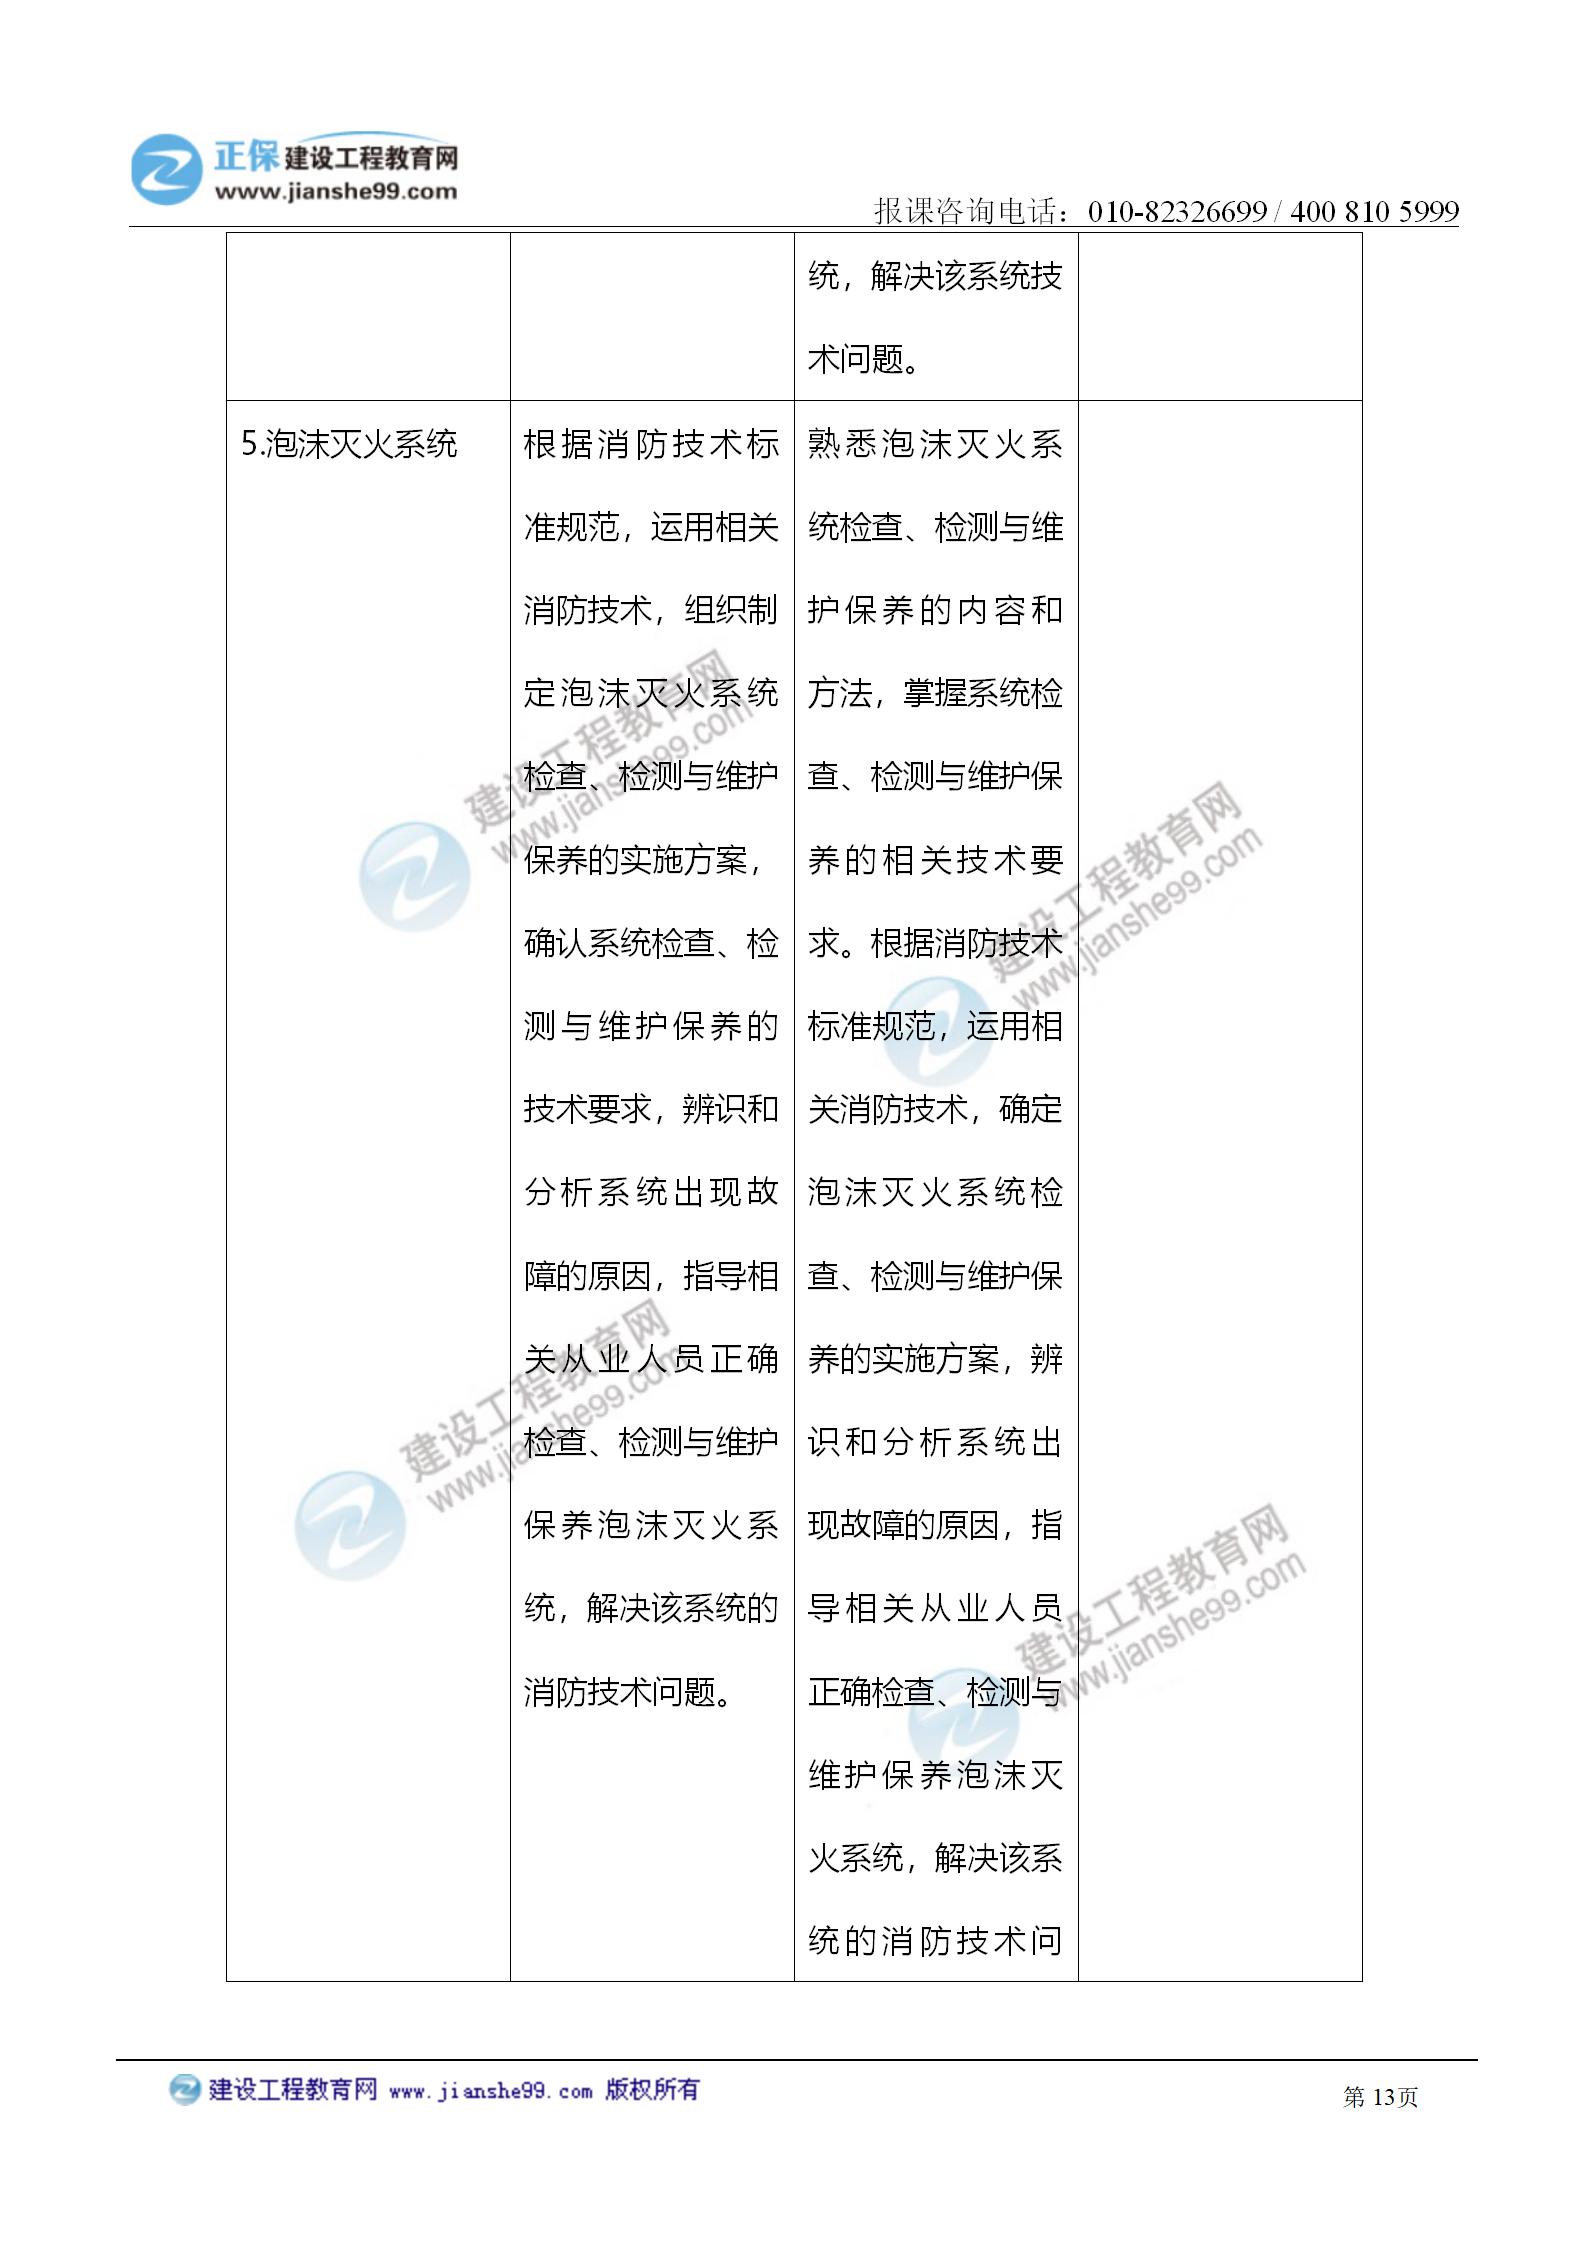 2021注册消防工程师《综合能力》考试大纲变化情况_13